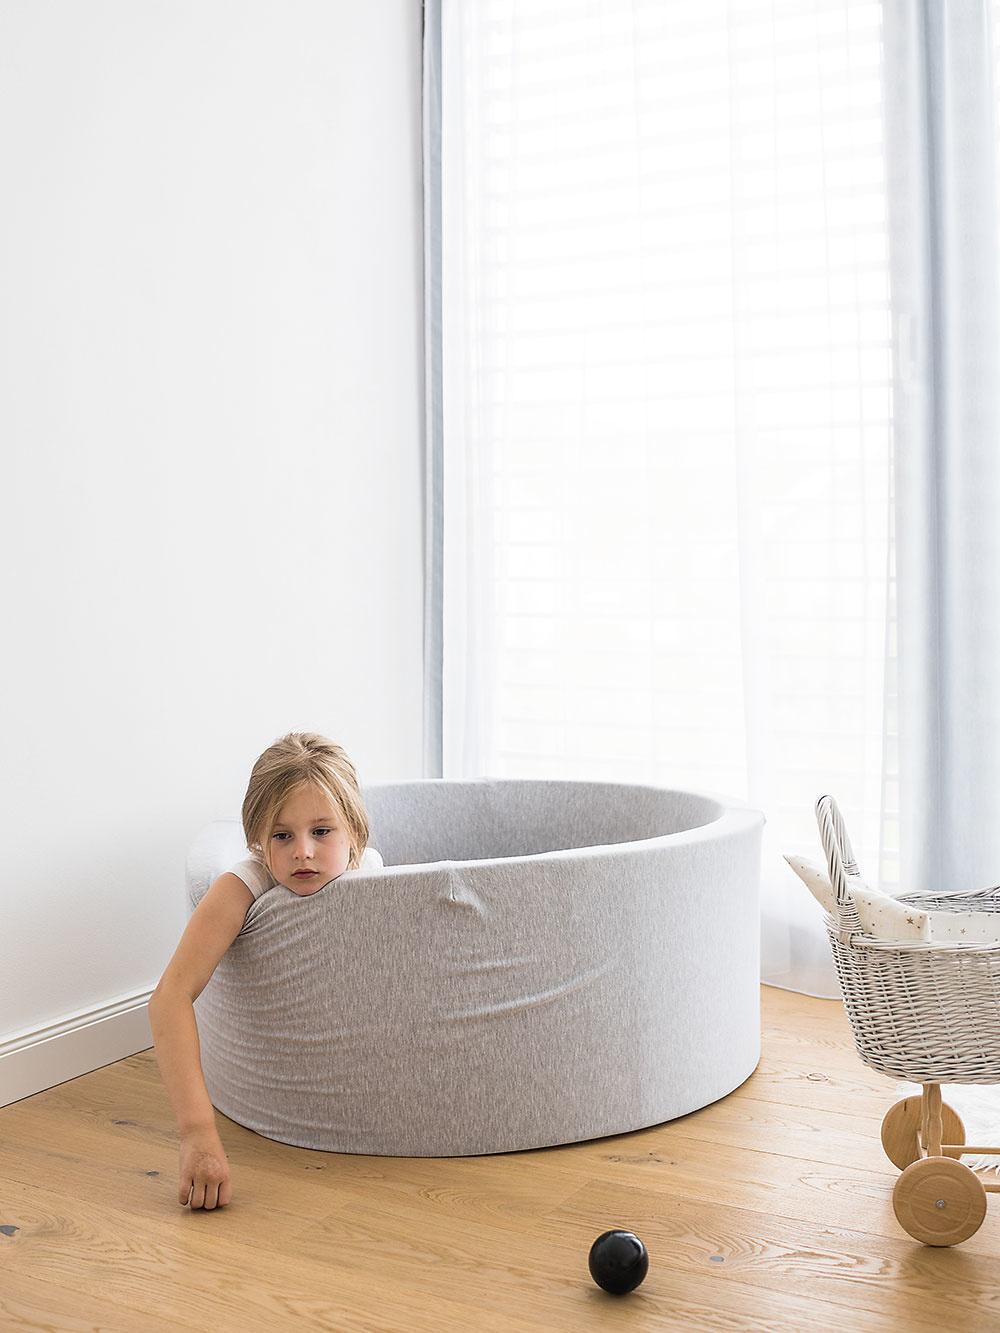 Guľôčkový bazén dievčatá často využívajú na hru i oddych nielen jednotlivo, ale aj obe súčasne.